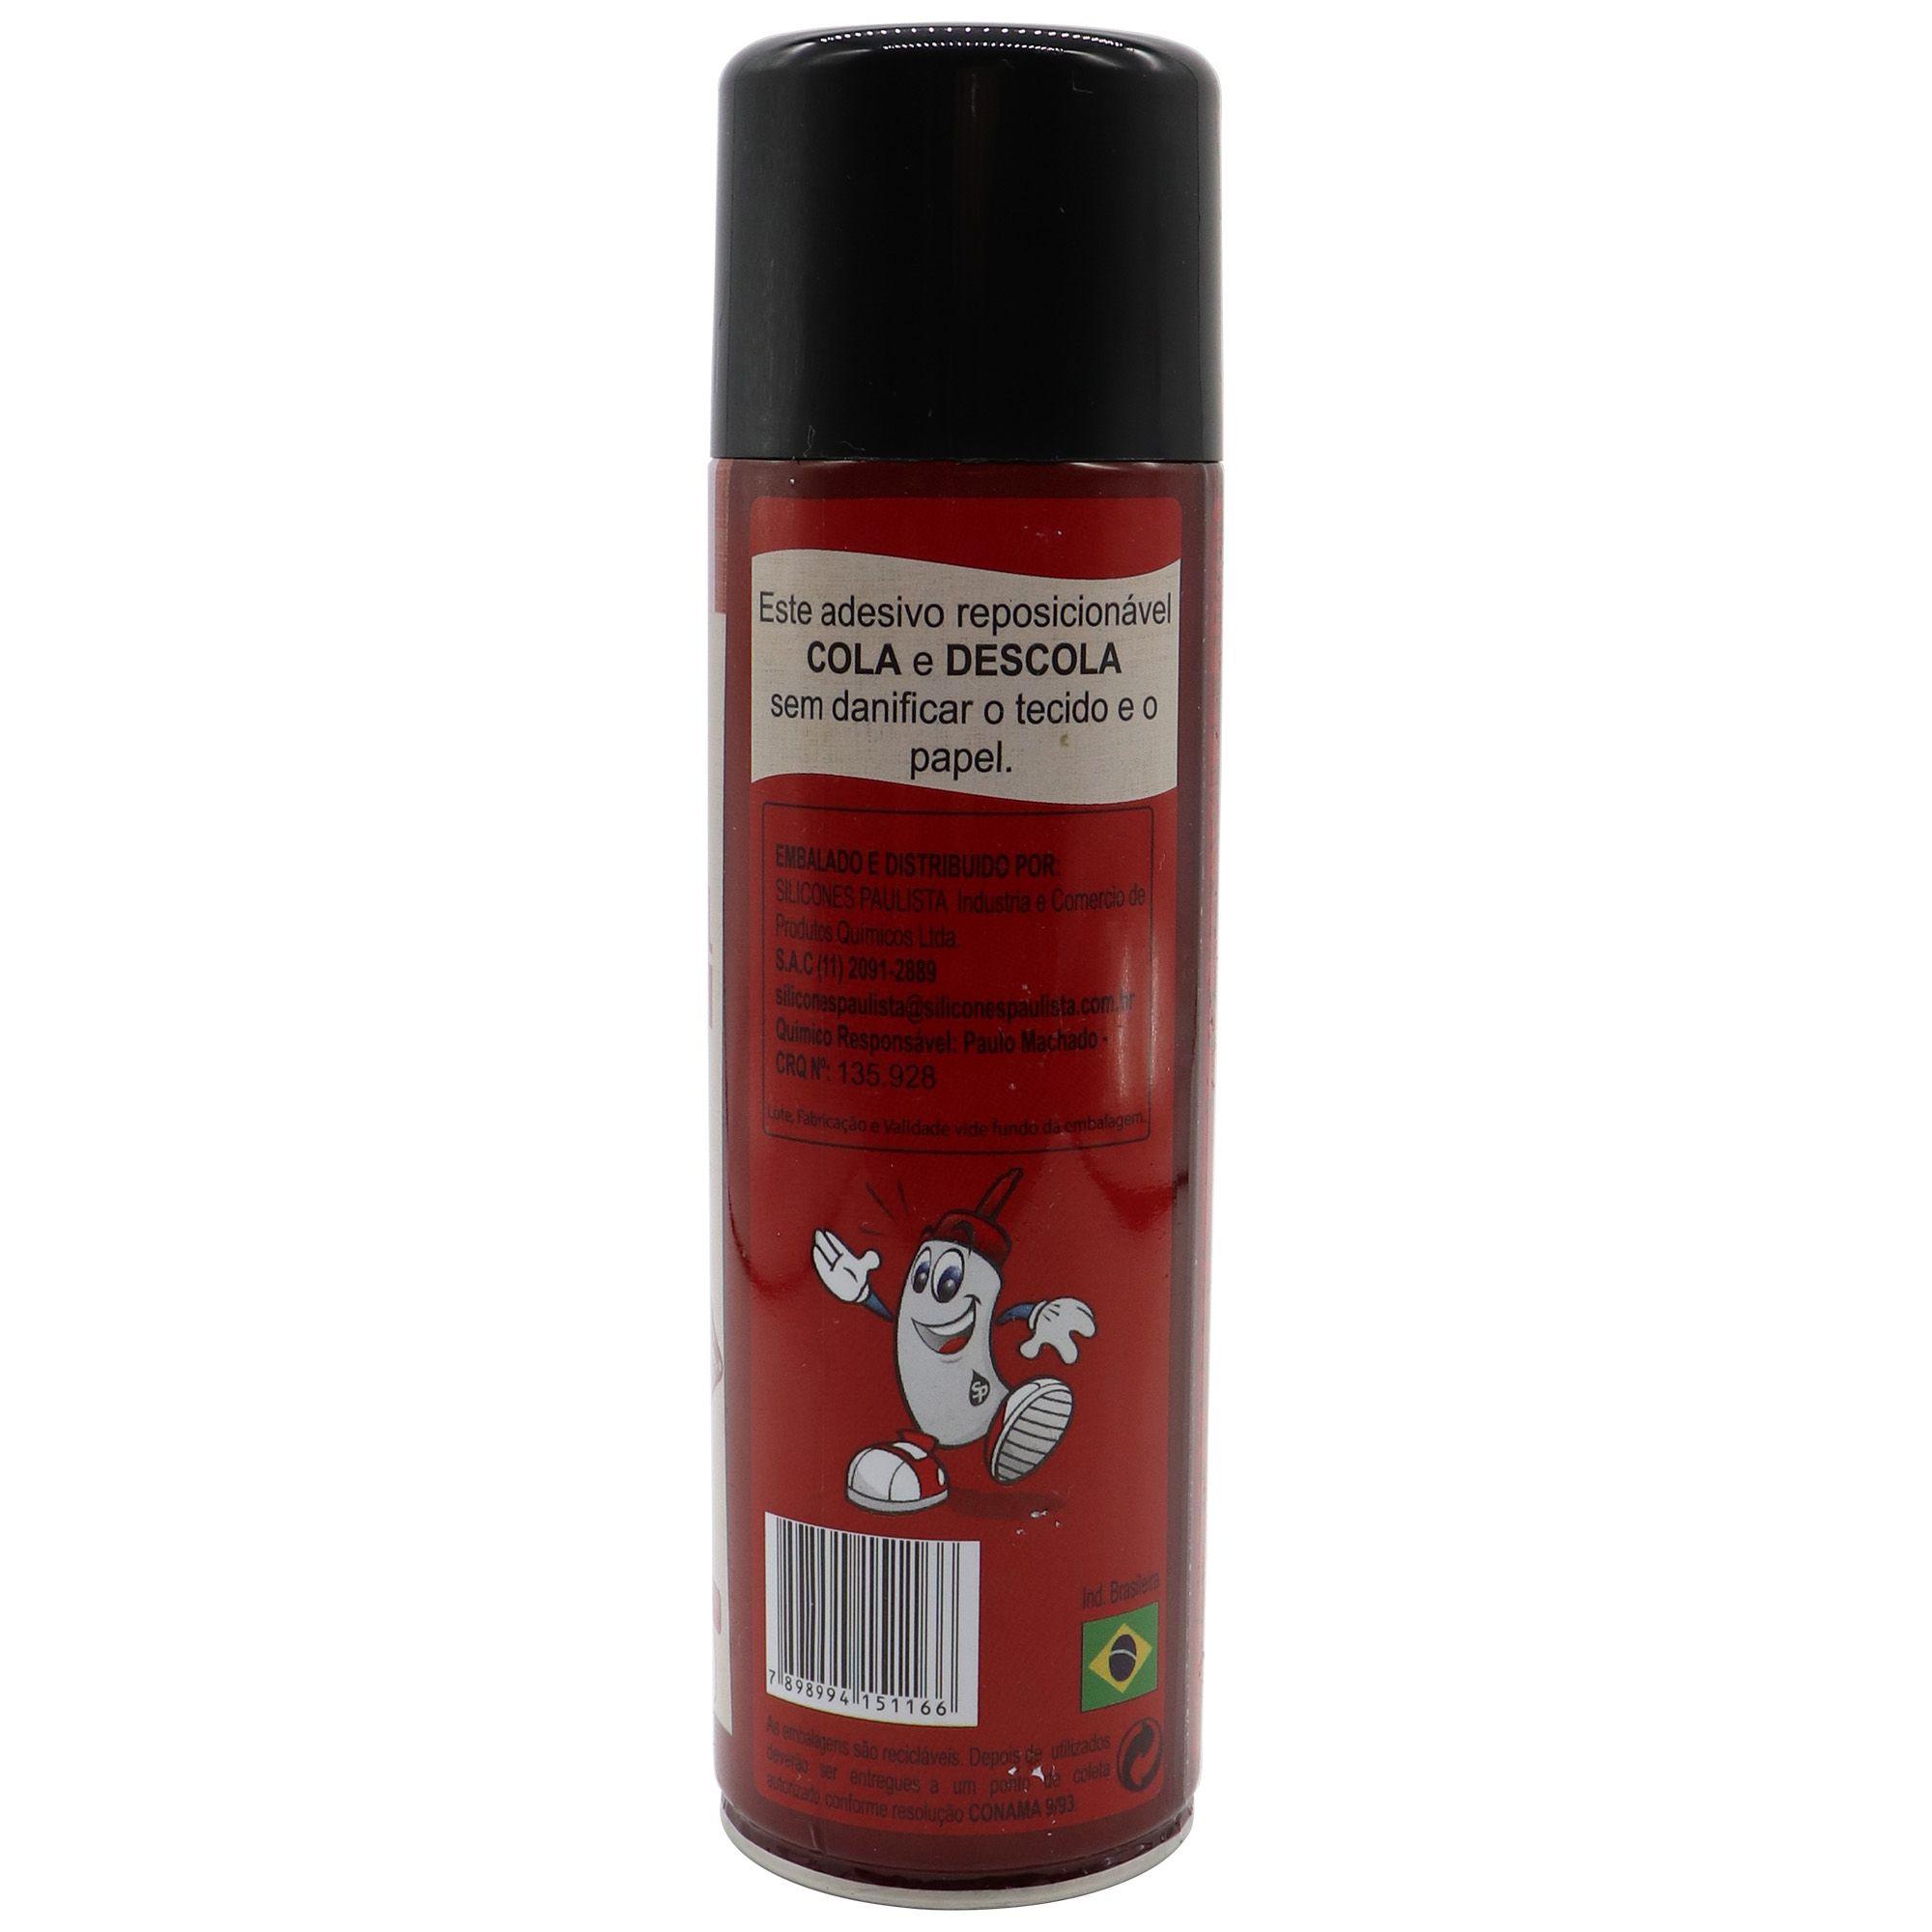 Cola Reposicionável Spray para Tecidos e Papeis 300ml